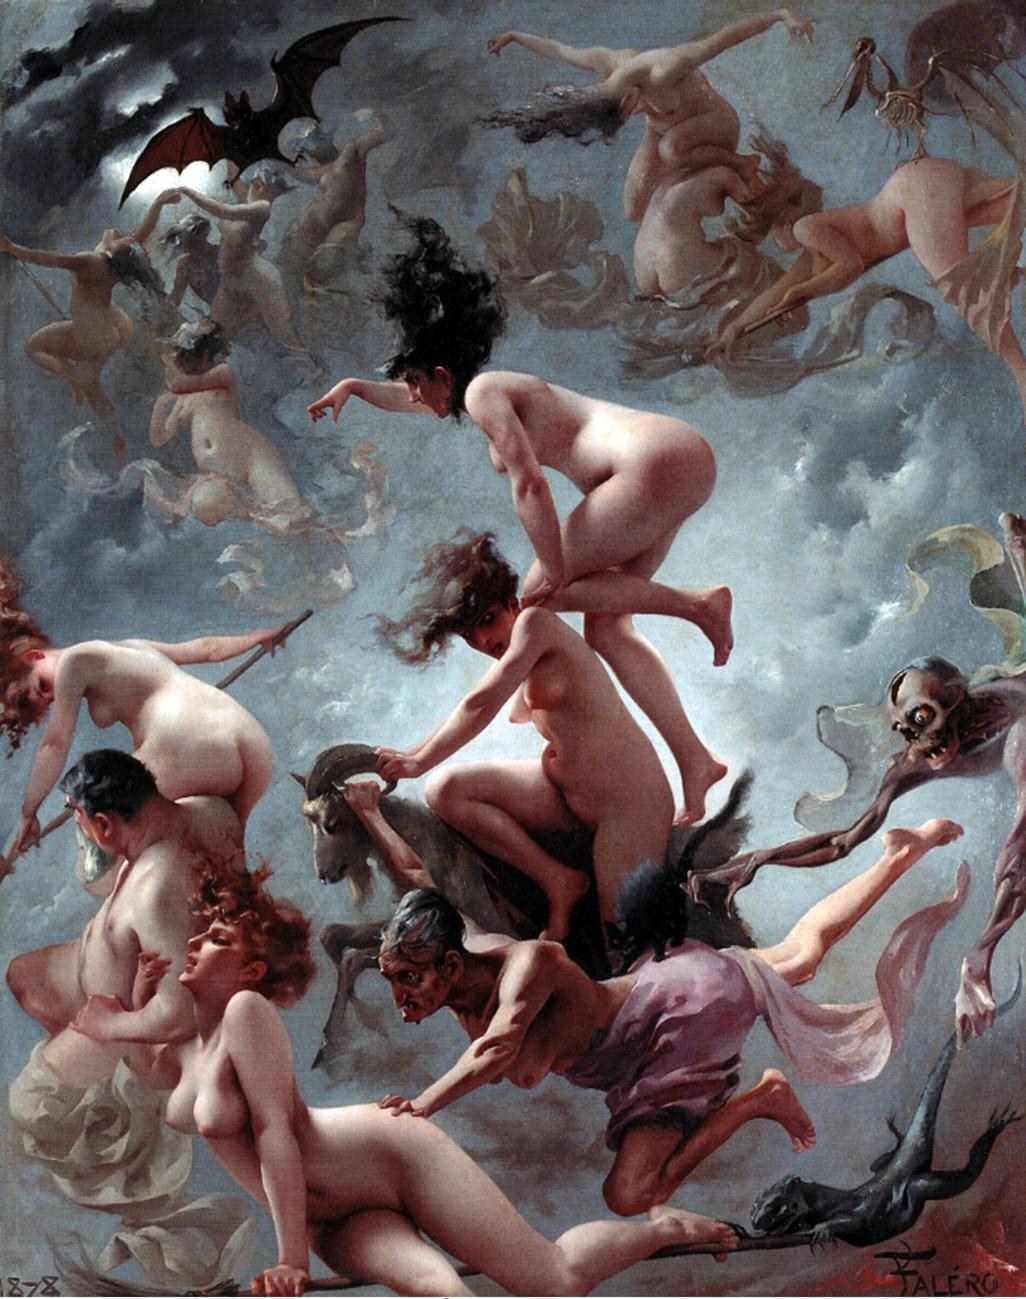 Cuerpos de brujas desnudas volando. Arte erótico de Luis Ricardo Falero